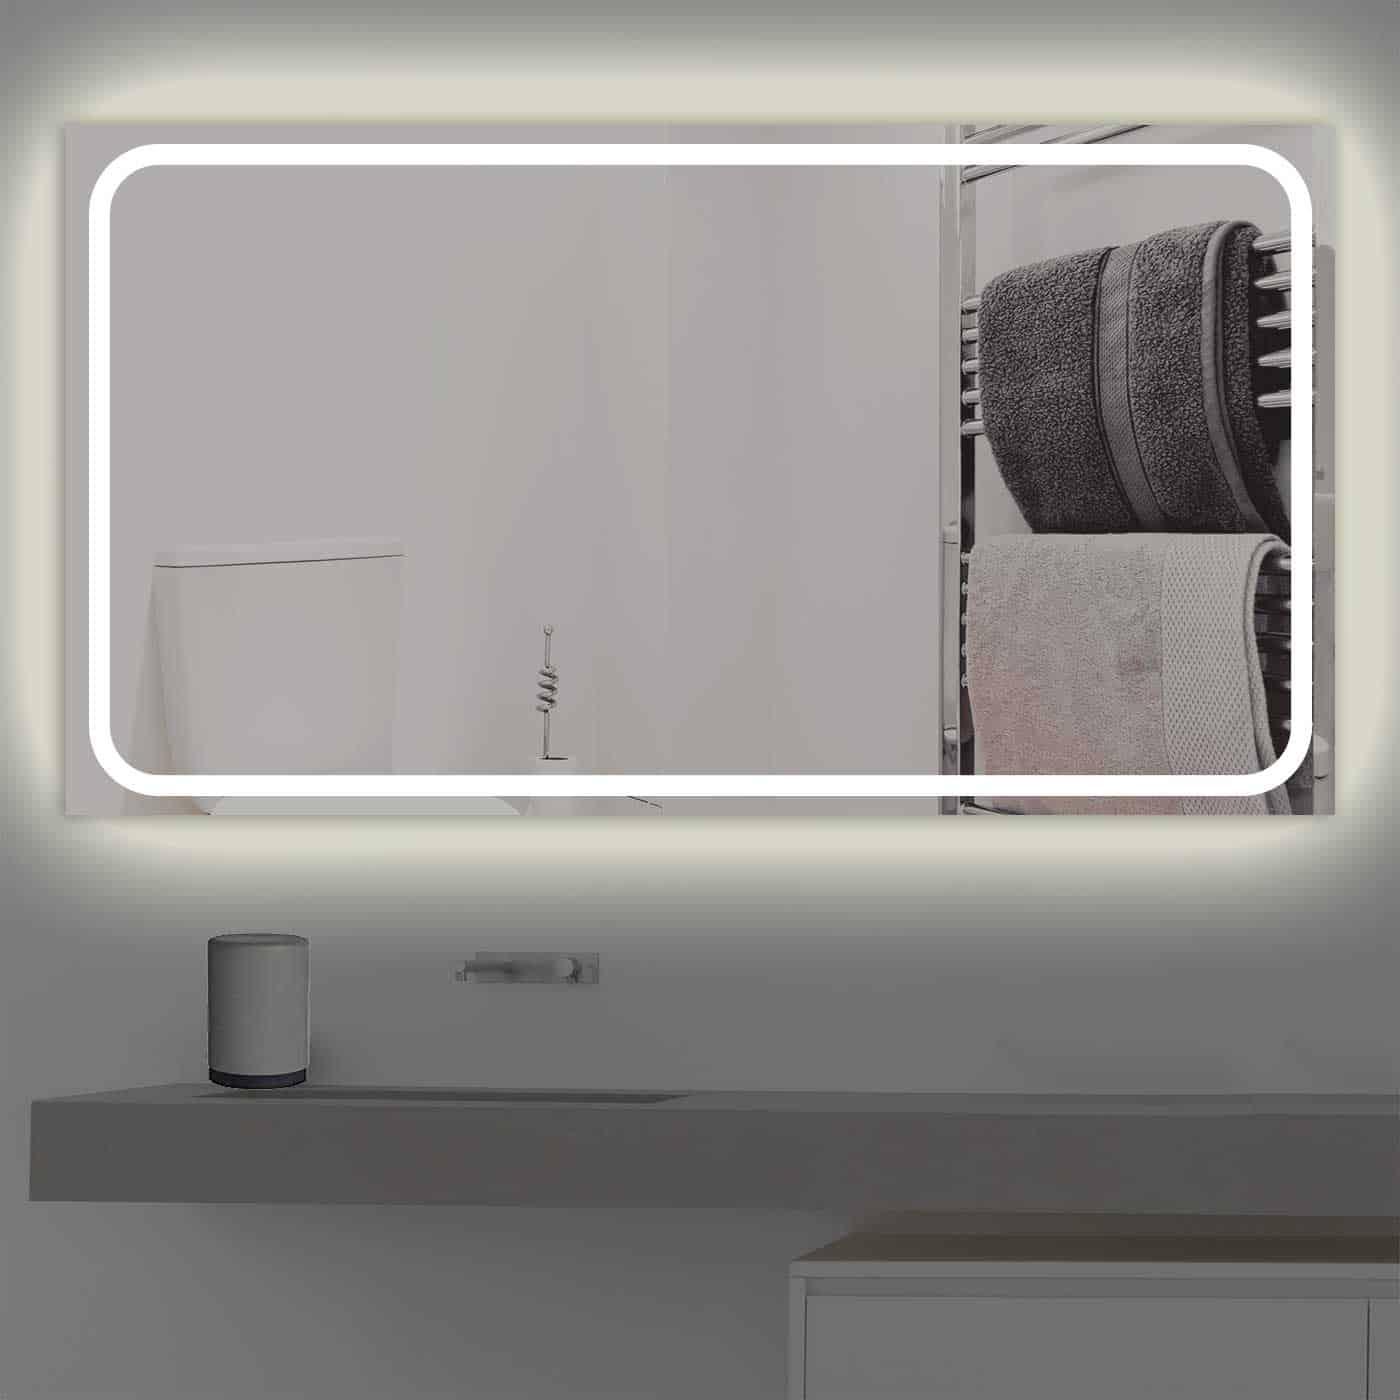 Badspiegel LED beleuchtet schmale Streifen | K 218 warmweiss